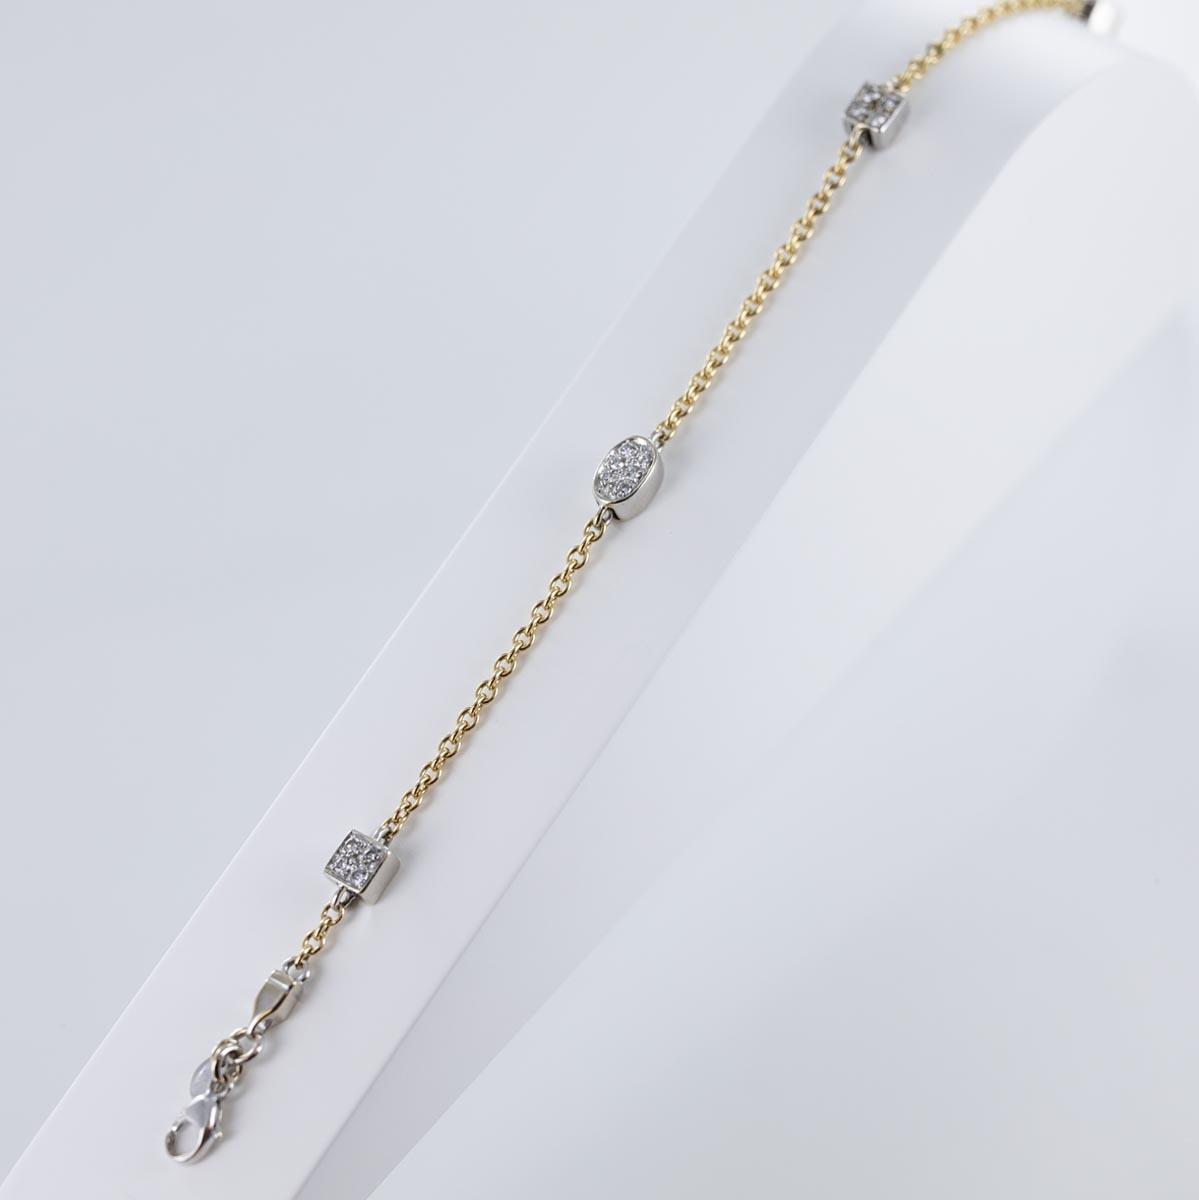 Bracelet 4 motifs pavage diamants sur chaîne